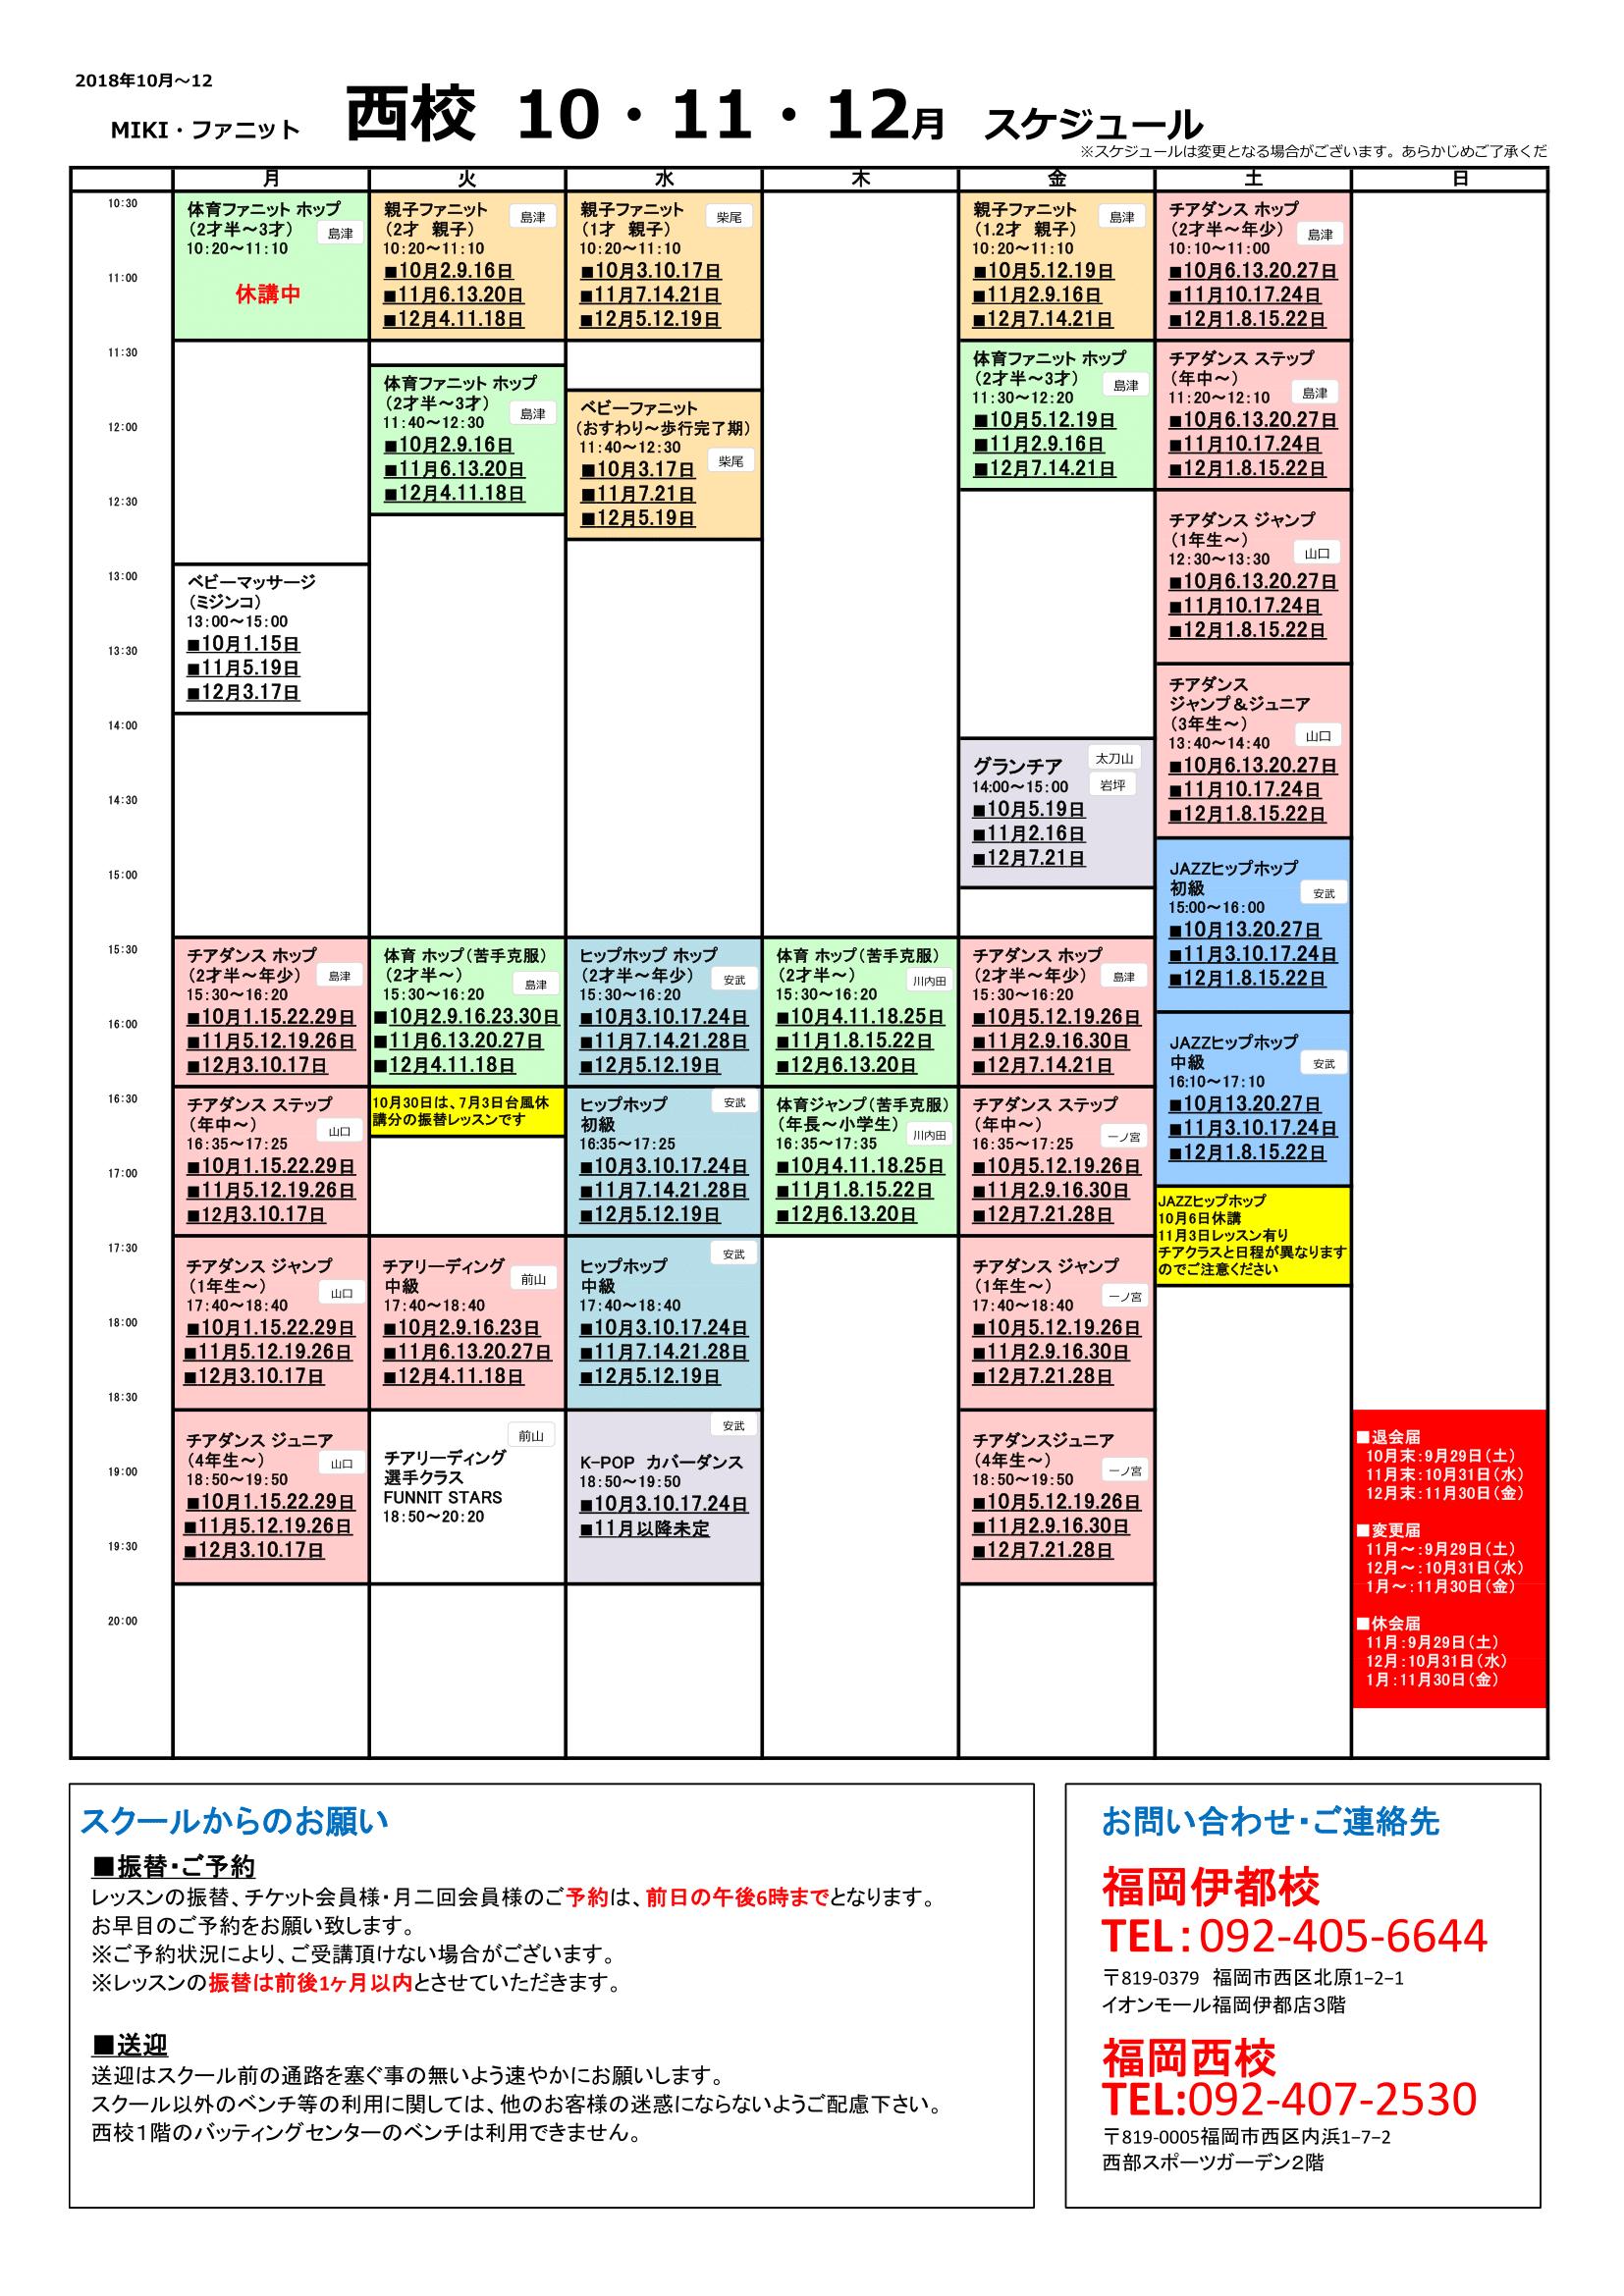 福岡西校スケジュール